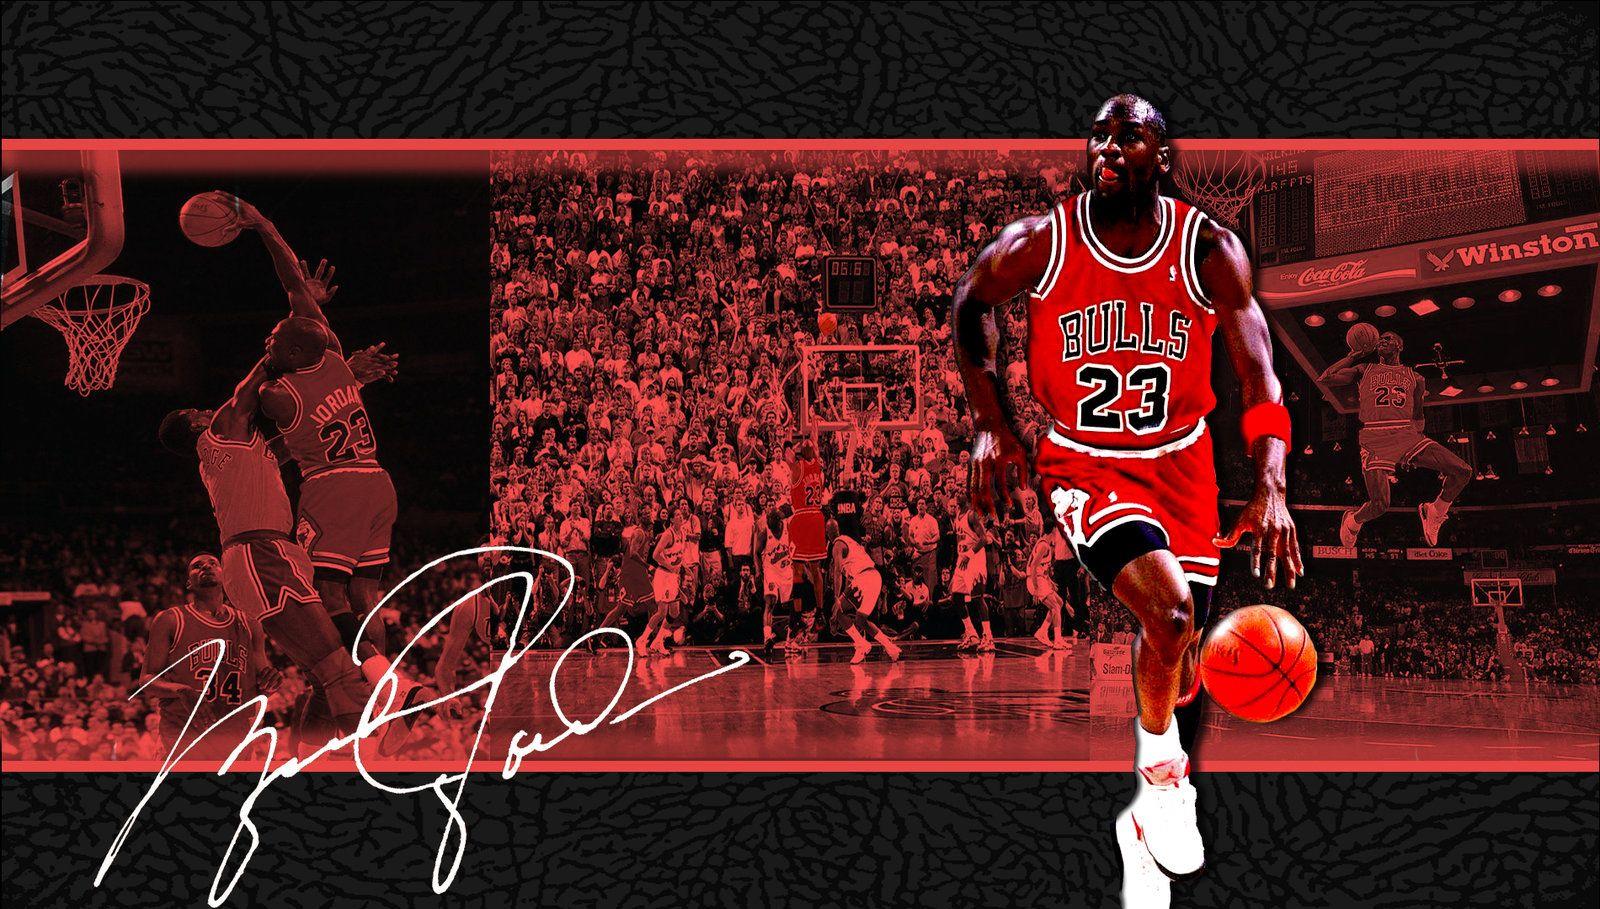 Michael Jordan Cool wallpaper with signature Michael